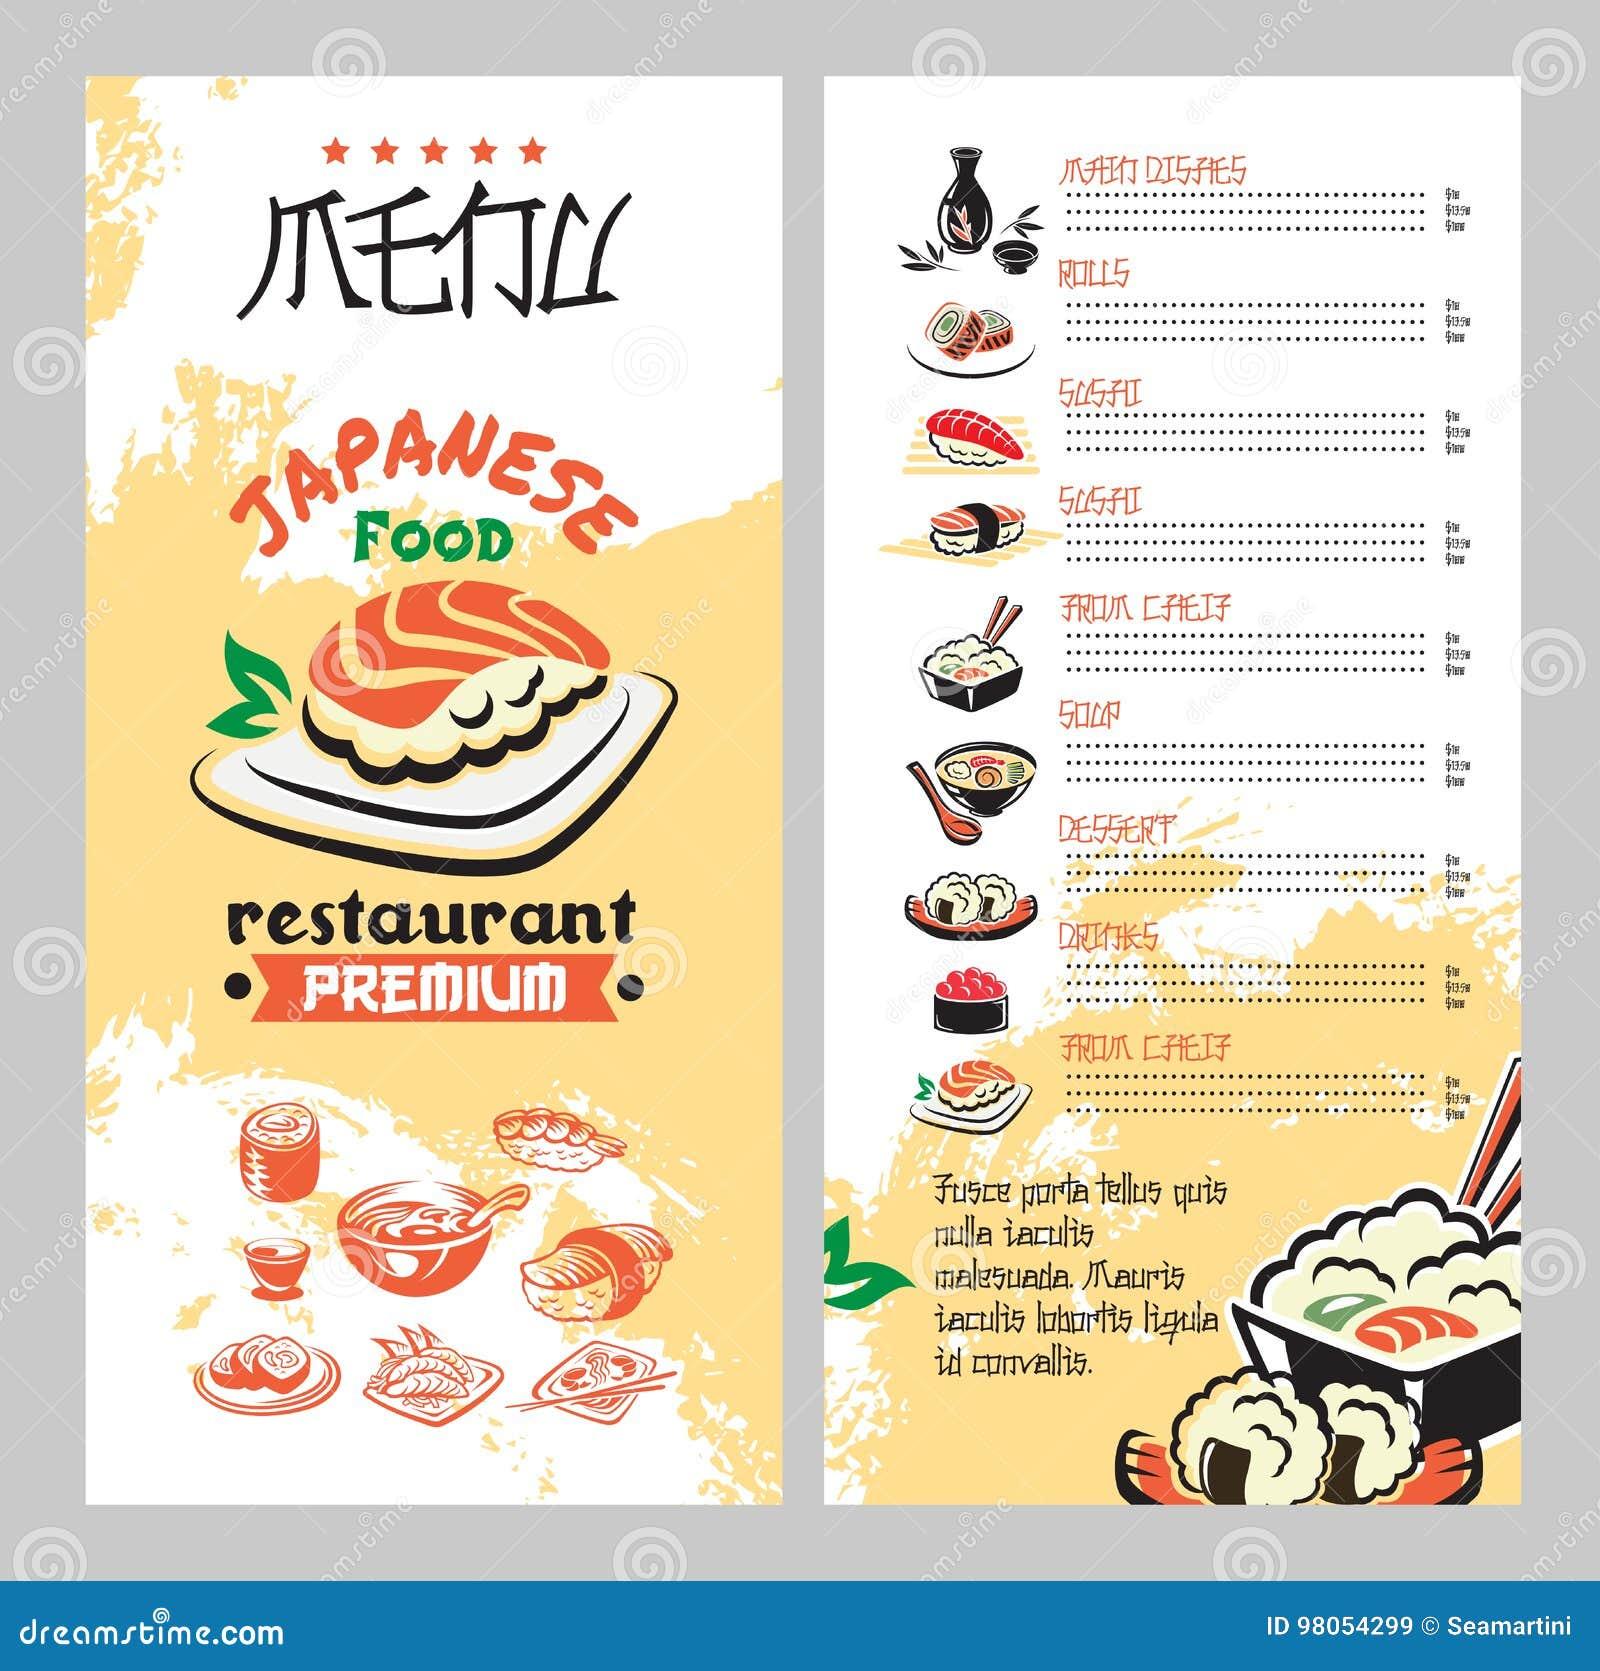 Menus De Cocina | Comida Japonesa Para El Menu Asiatico Del Restaurante De La Cocina